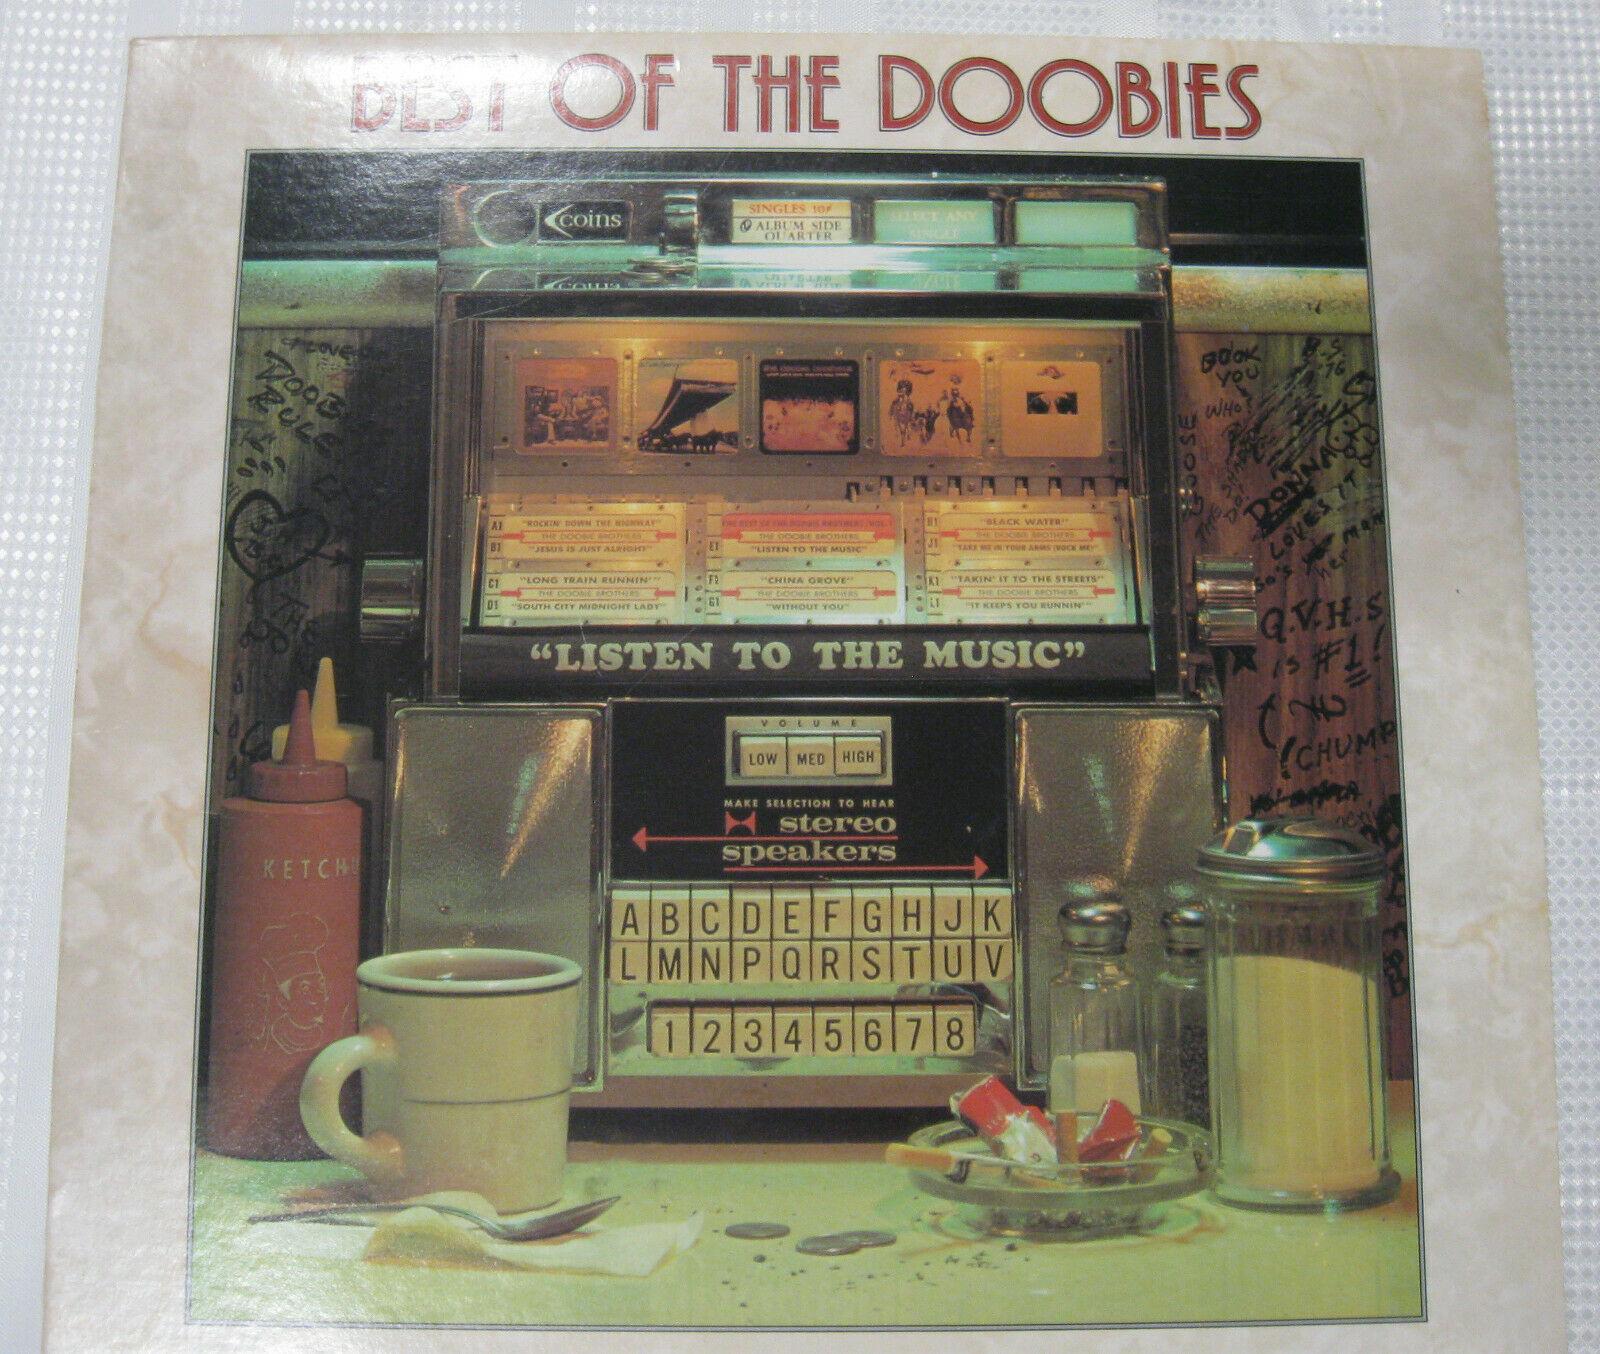 The Doobie Brothers Best Of Warner Bros BS 2978 Stereo Vinyl LP